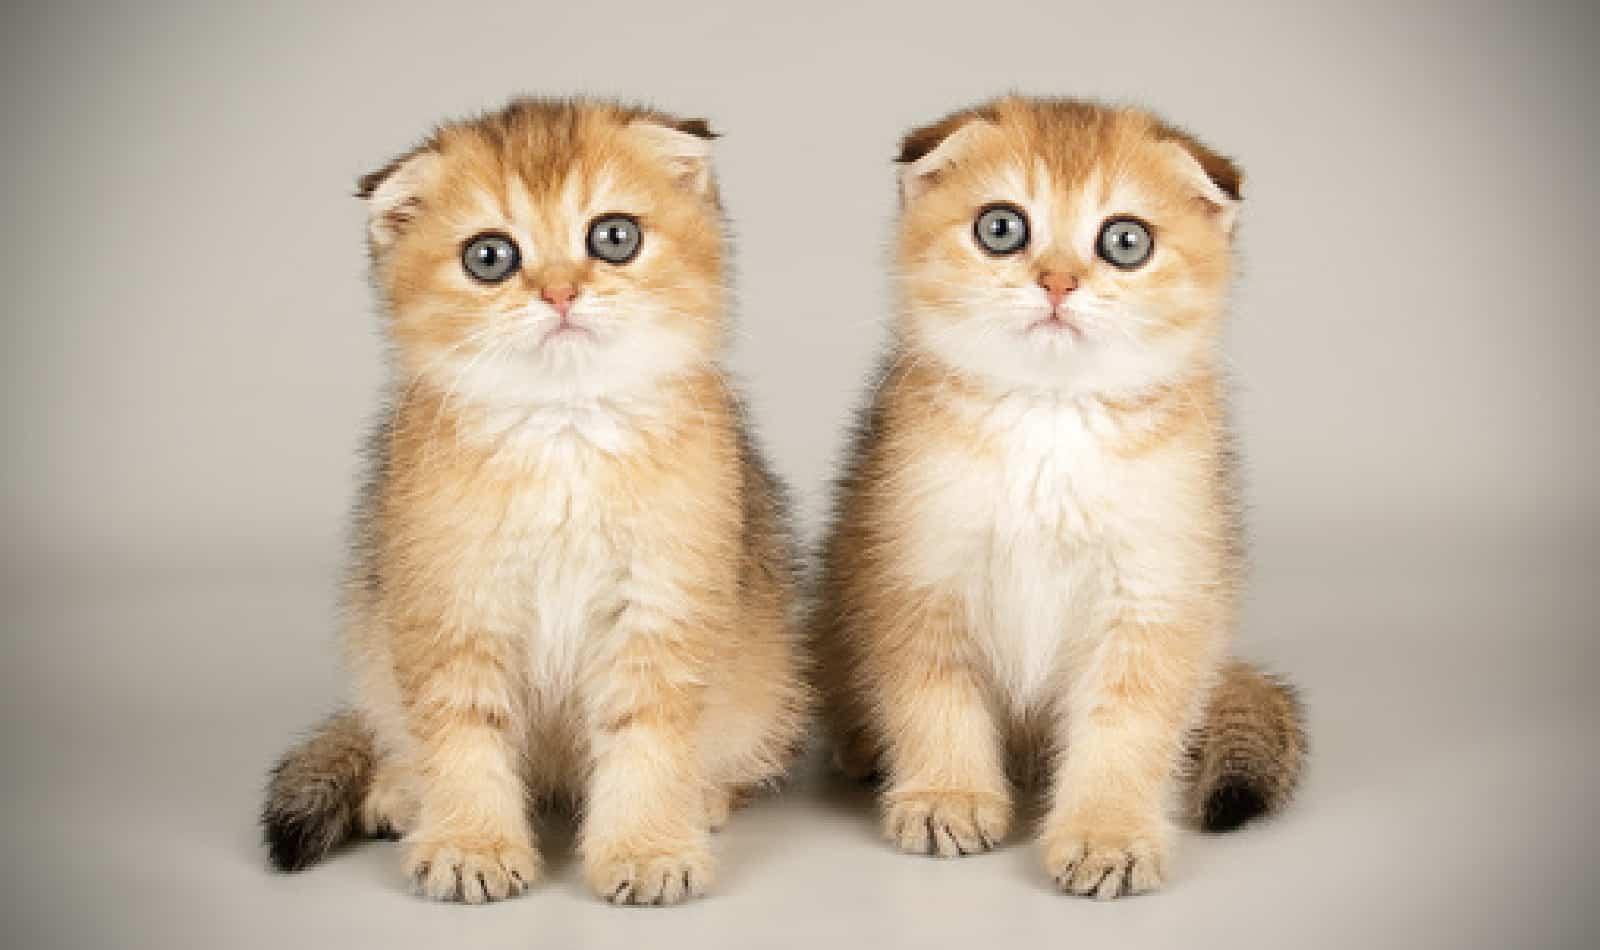 آشنایی با خصوصیات گربه اسکاتیش